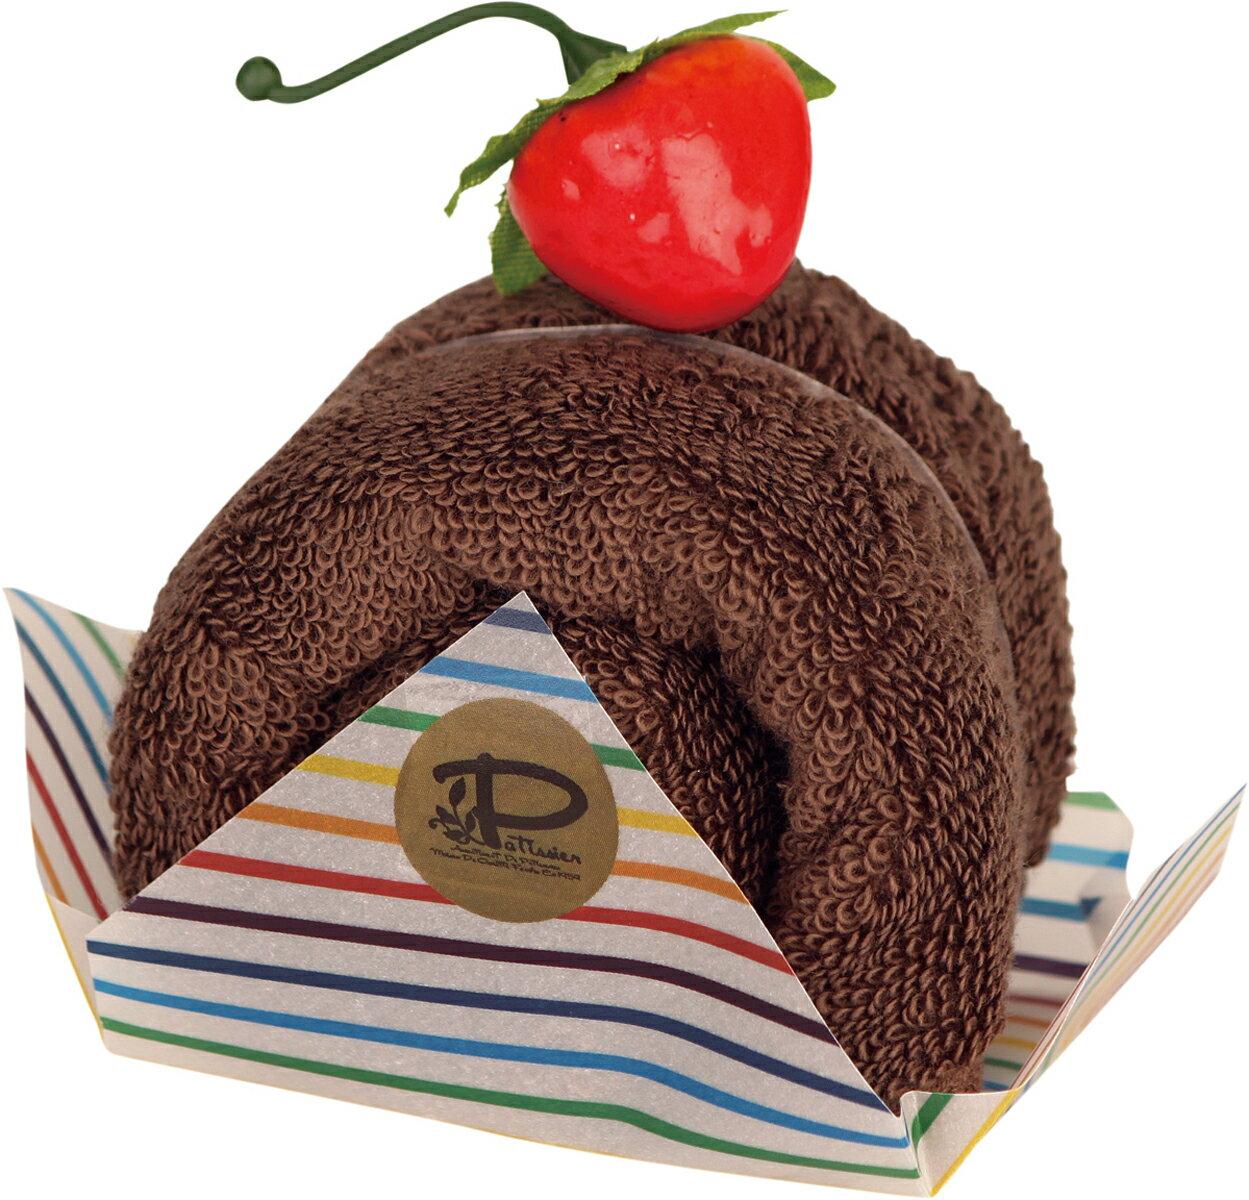 プレーリードッグ ロールケーキ コーヒー LPSR-7042【あす楽対応】【今治タオル】【ケーキタオル】【上質な肌触り】【日本製】【タオルギフト】【プチギフト】【簡易ラッピング済】 見た目に美味しく、貰って嬉しいタオルギフト。 お返しにぴったりのプチギフト。